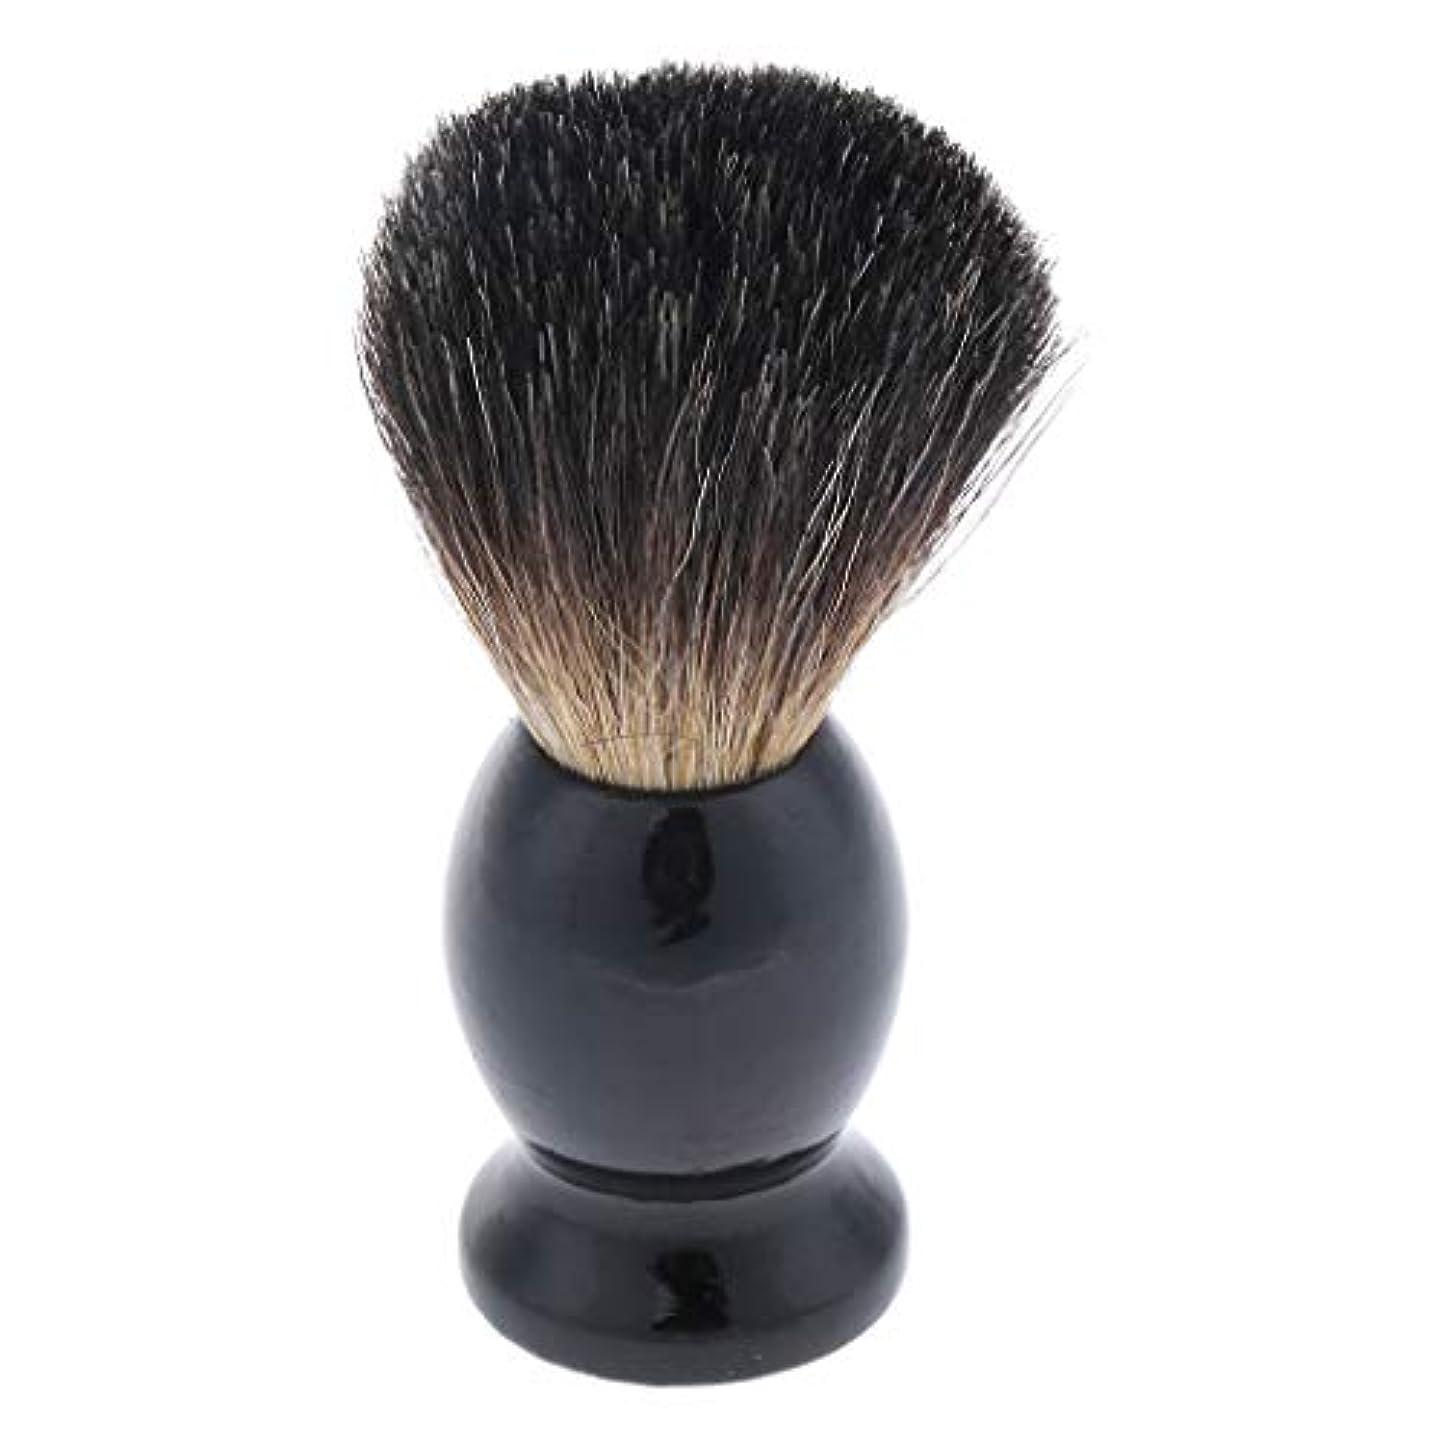 免除かりて無限メンズ ひげブラシ シェービングブラシ ひげ剃りブラシ 木製ハンドル 父 贈り物